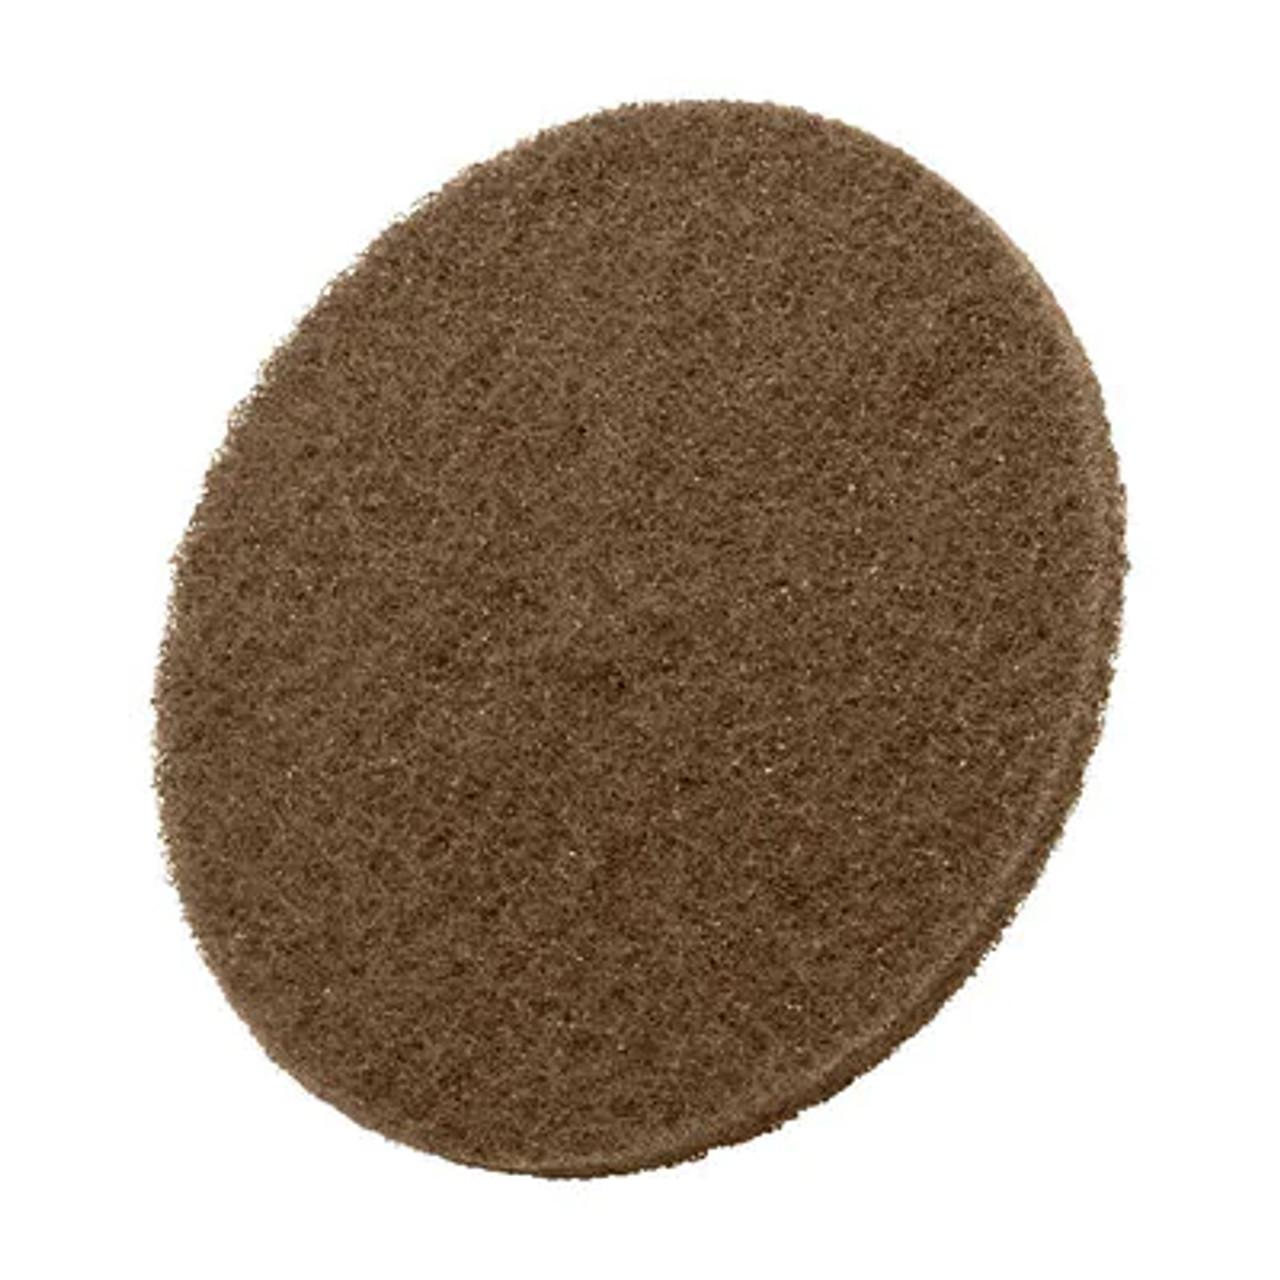 Scotch-Brite™ Hookit™ Cut and Polish Disc, CP-HA, A/O Medium, 6 in x NH